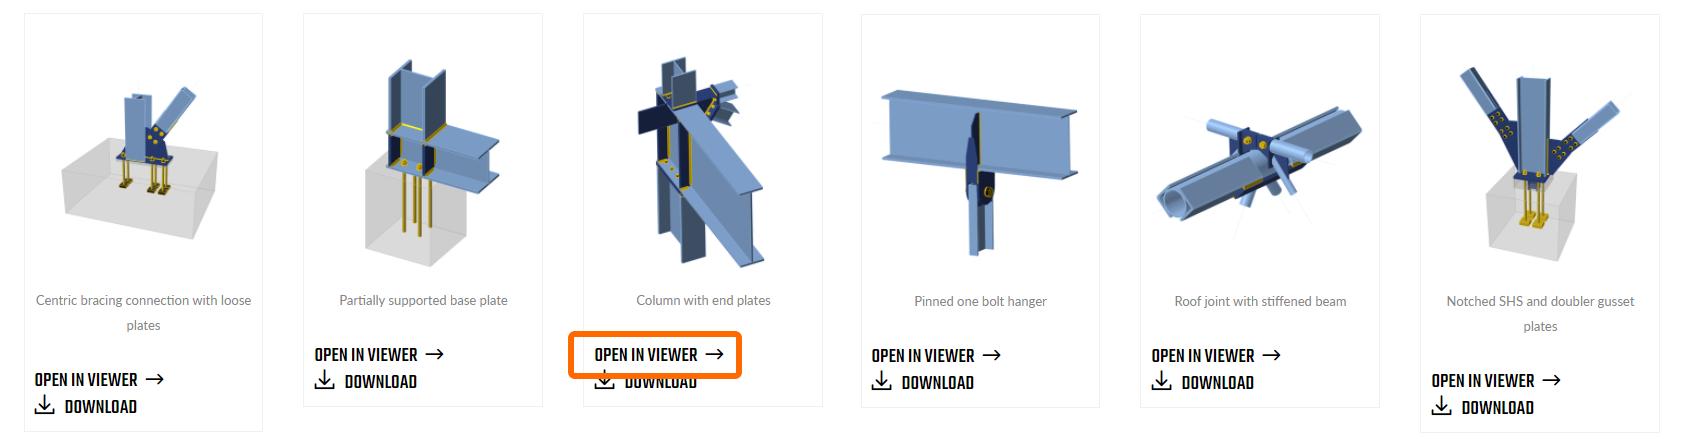 Voorbeeldprojecten bekijken in de Online viewer